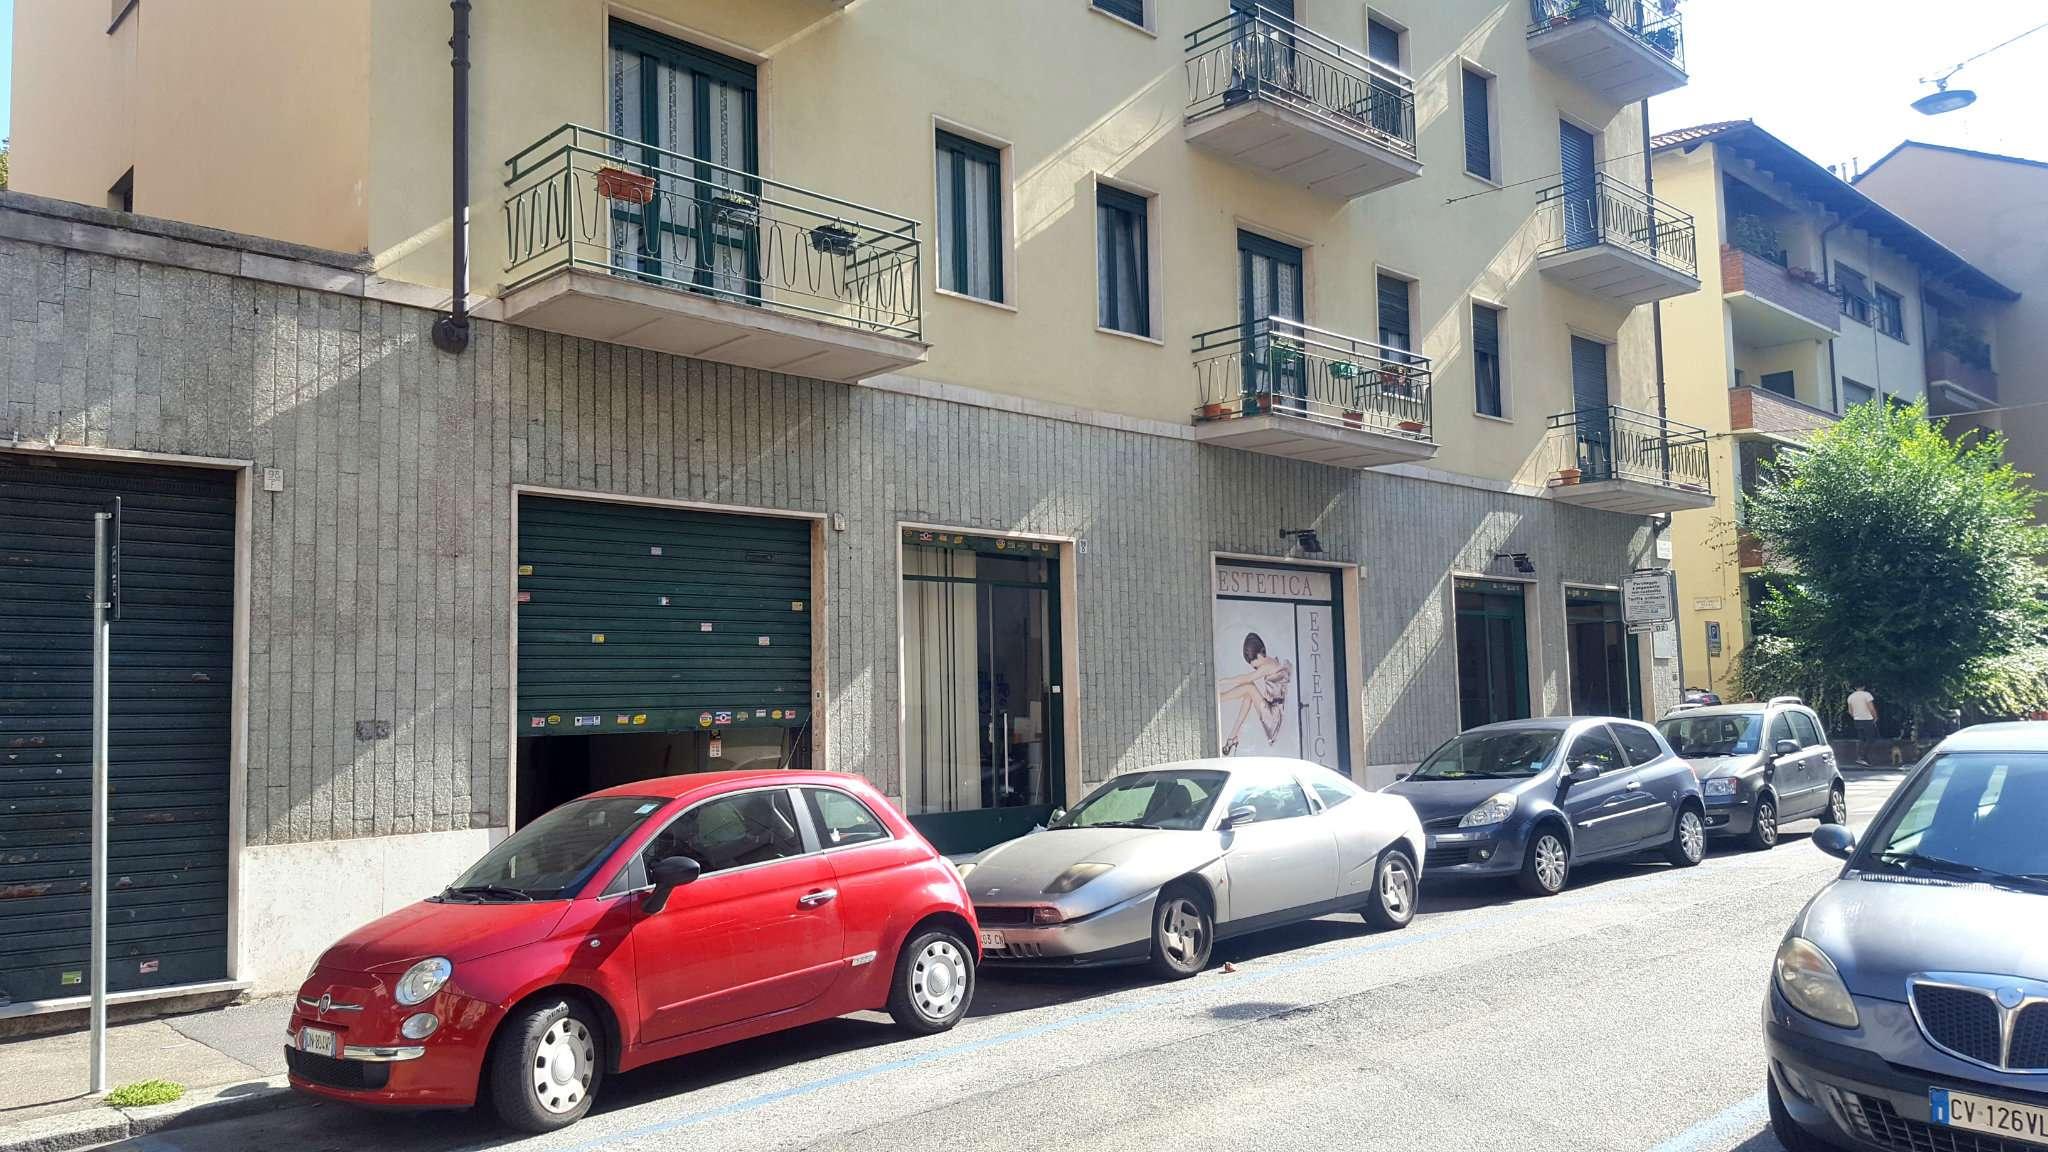 Negozio in affitto Zona Cit Turin, San Donato, Campidoglio - via Principessa Clotilde 98 E Torino